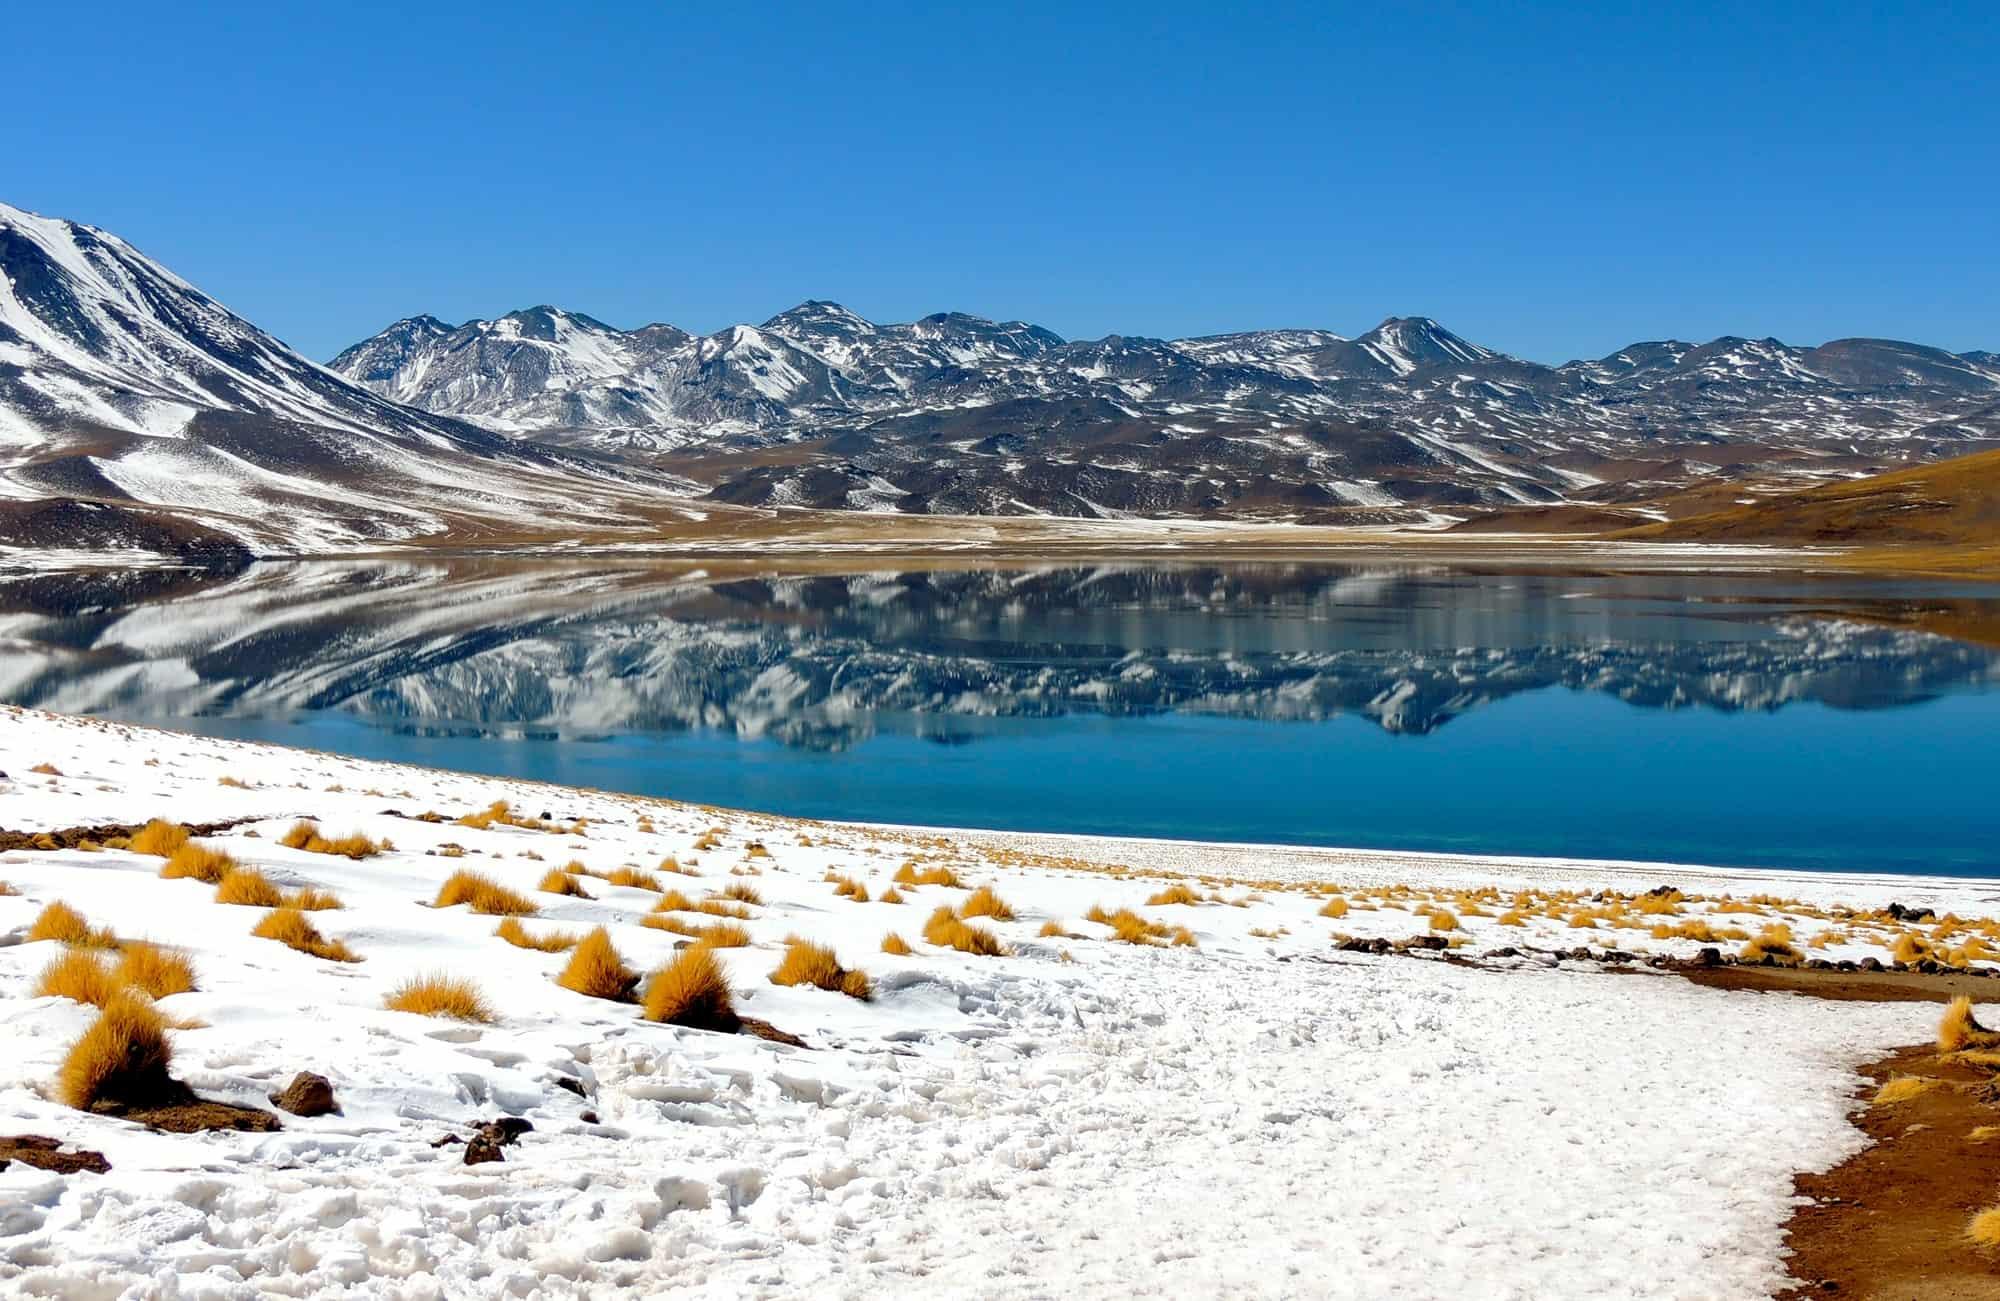 Voyage au Chili - Lagune du Miscanti - Amplitudes